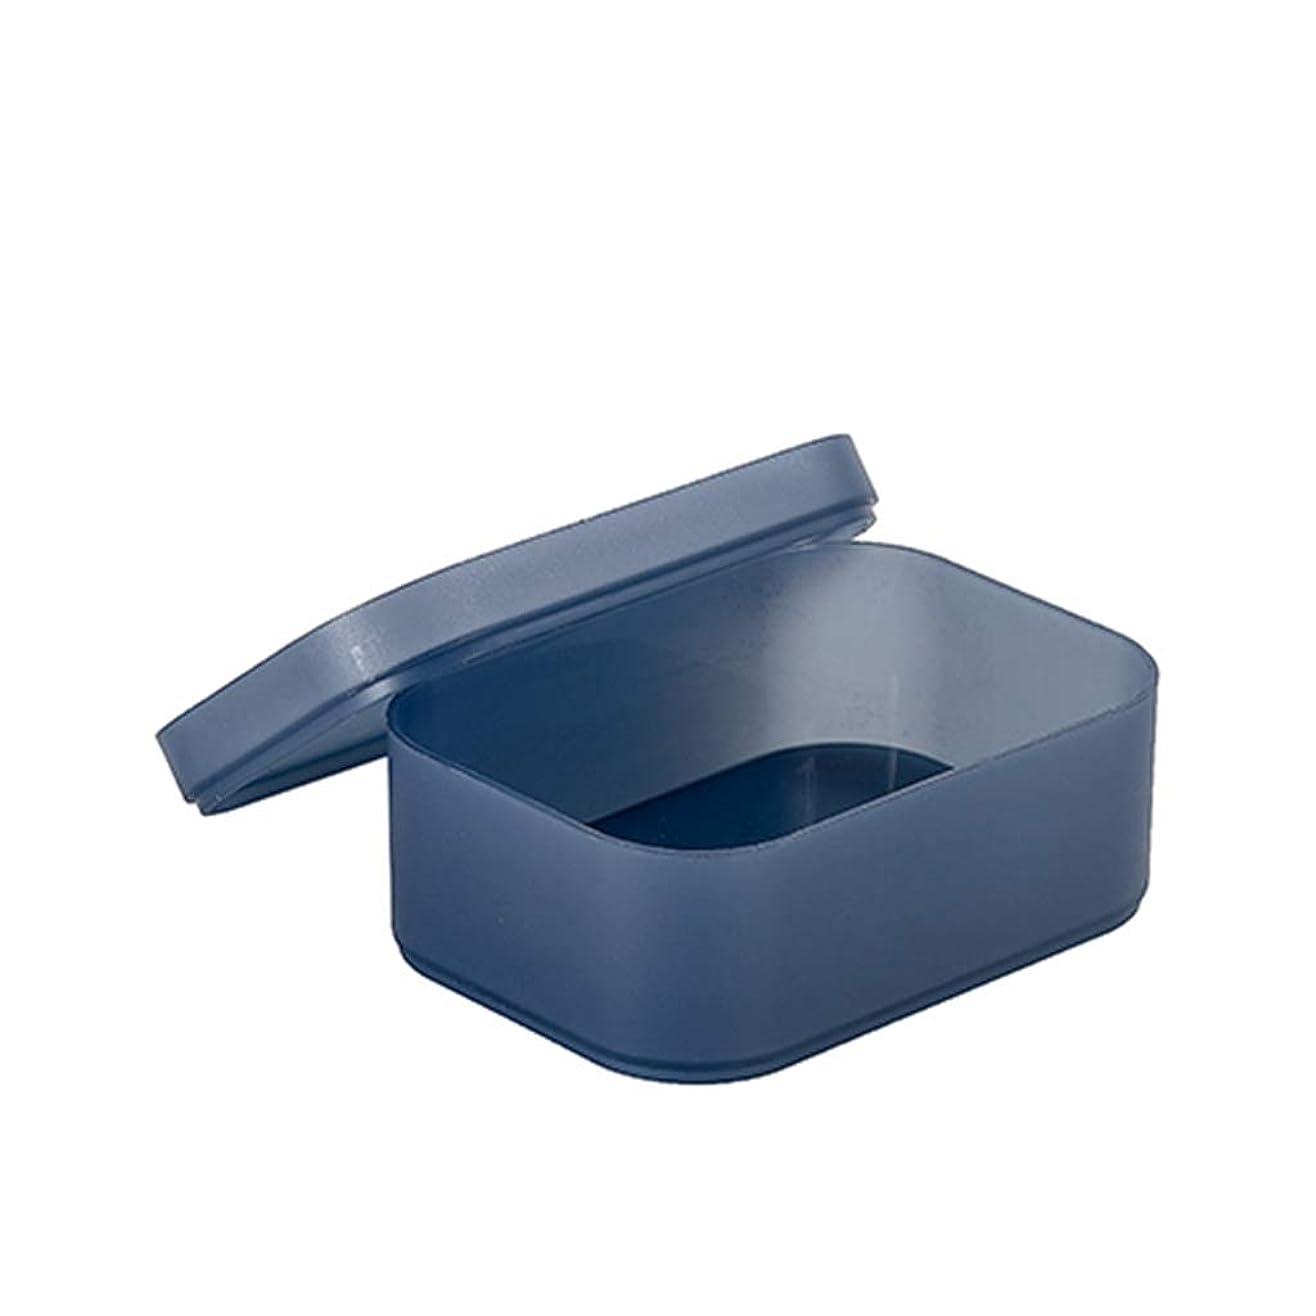 噴出するクローンサンダース収納ボックス 蓋付き 重ね合わせ可 透明 大容量 卓上 多機能 収納ケース 化粧品収納 文房具収納 リモコンラック 事務用品 オフィス用品 机上用品 収納用品 メイクボックス コスメ道具入れ 小物入れ プラスチック シンプル ブルー